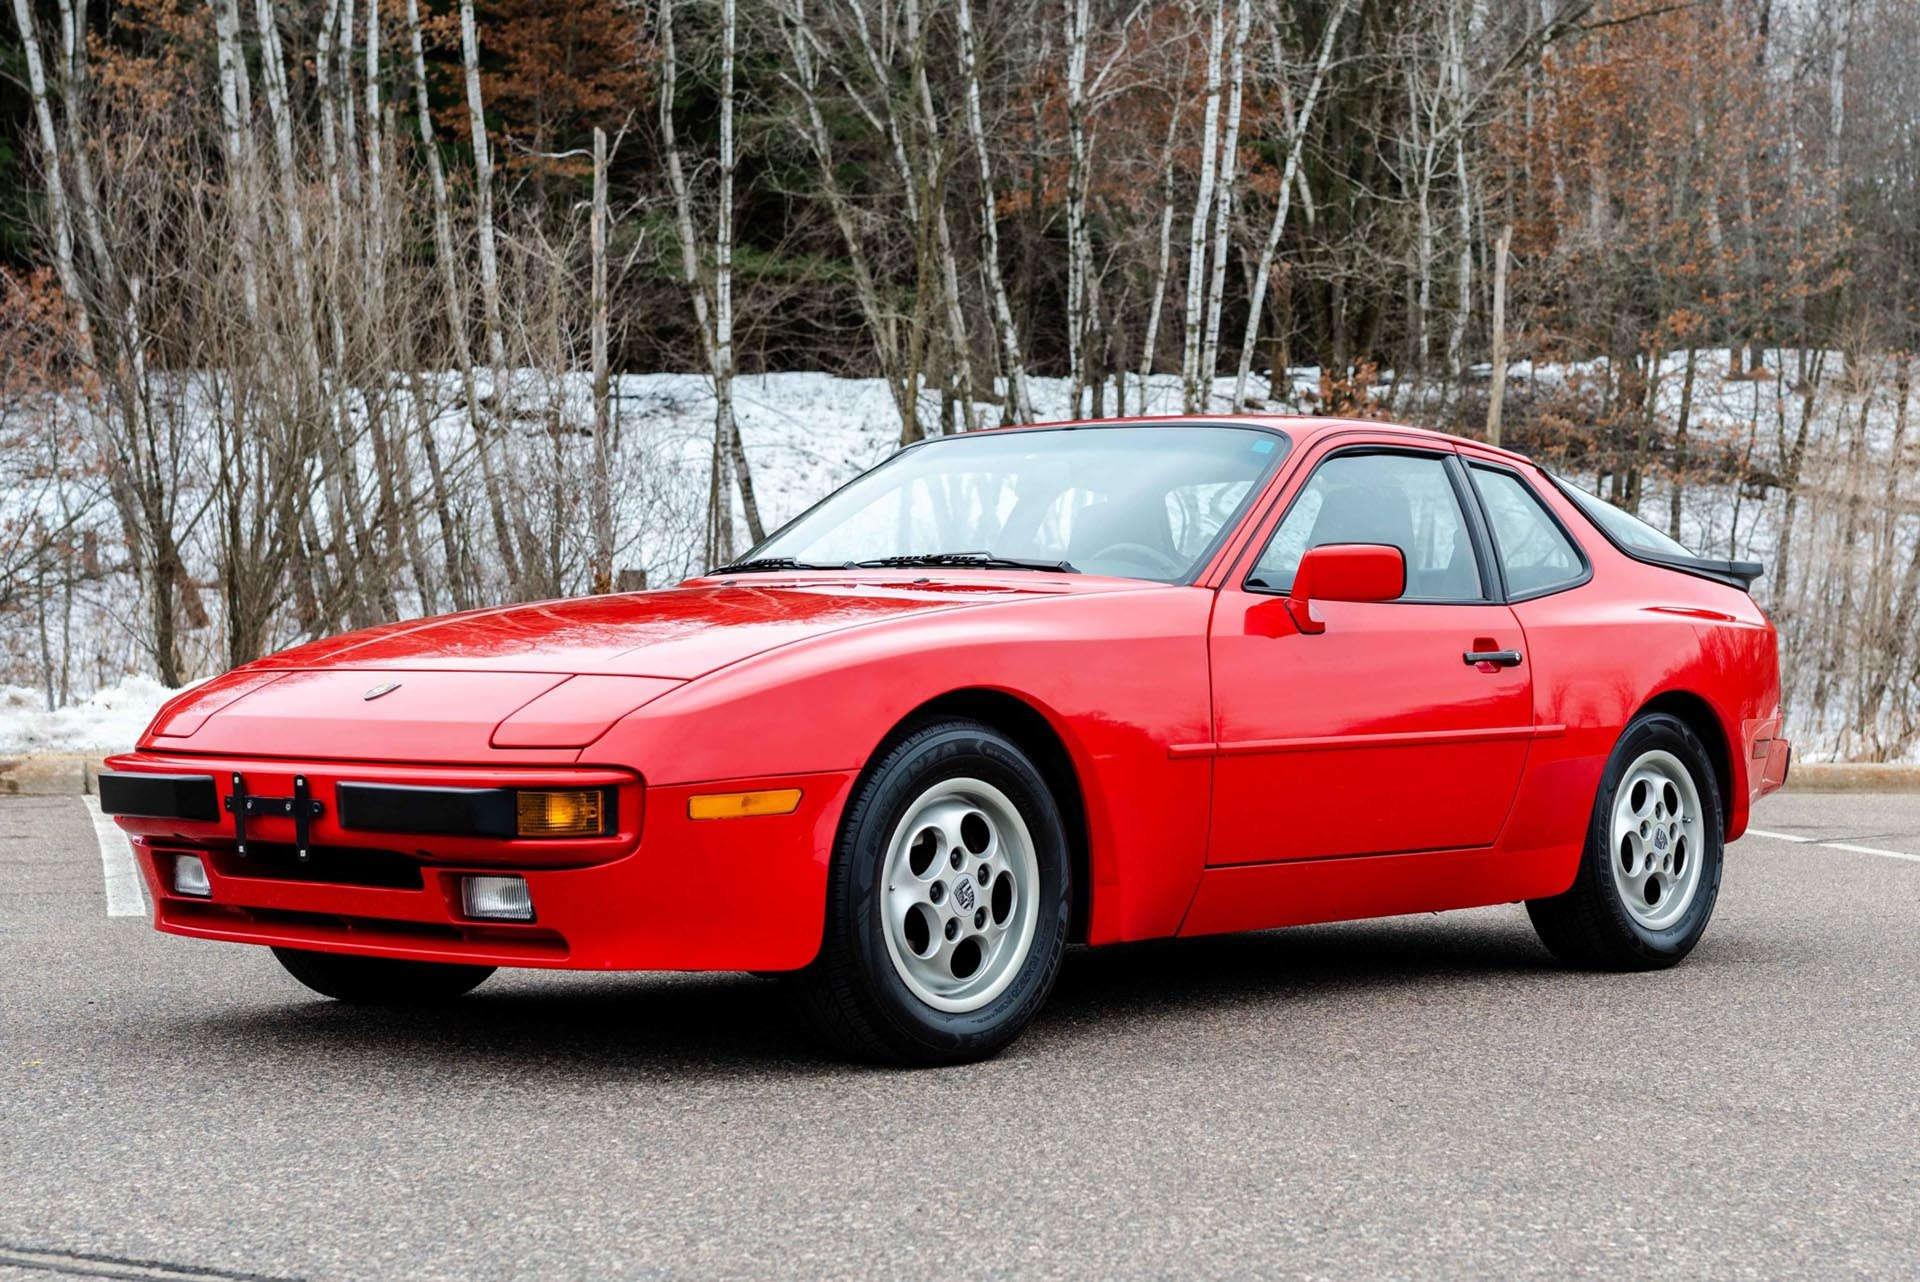 01_Porsche 944 front